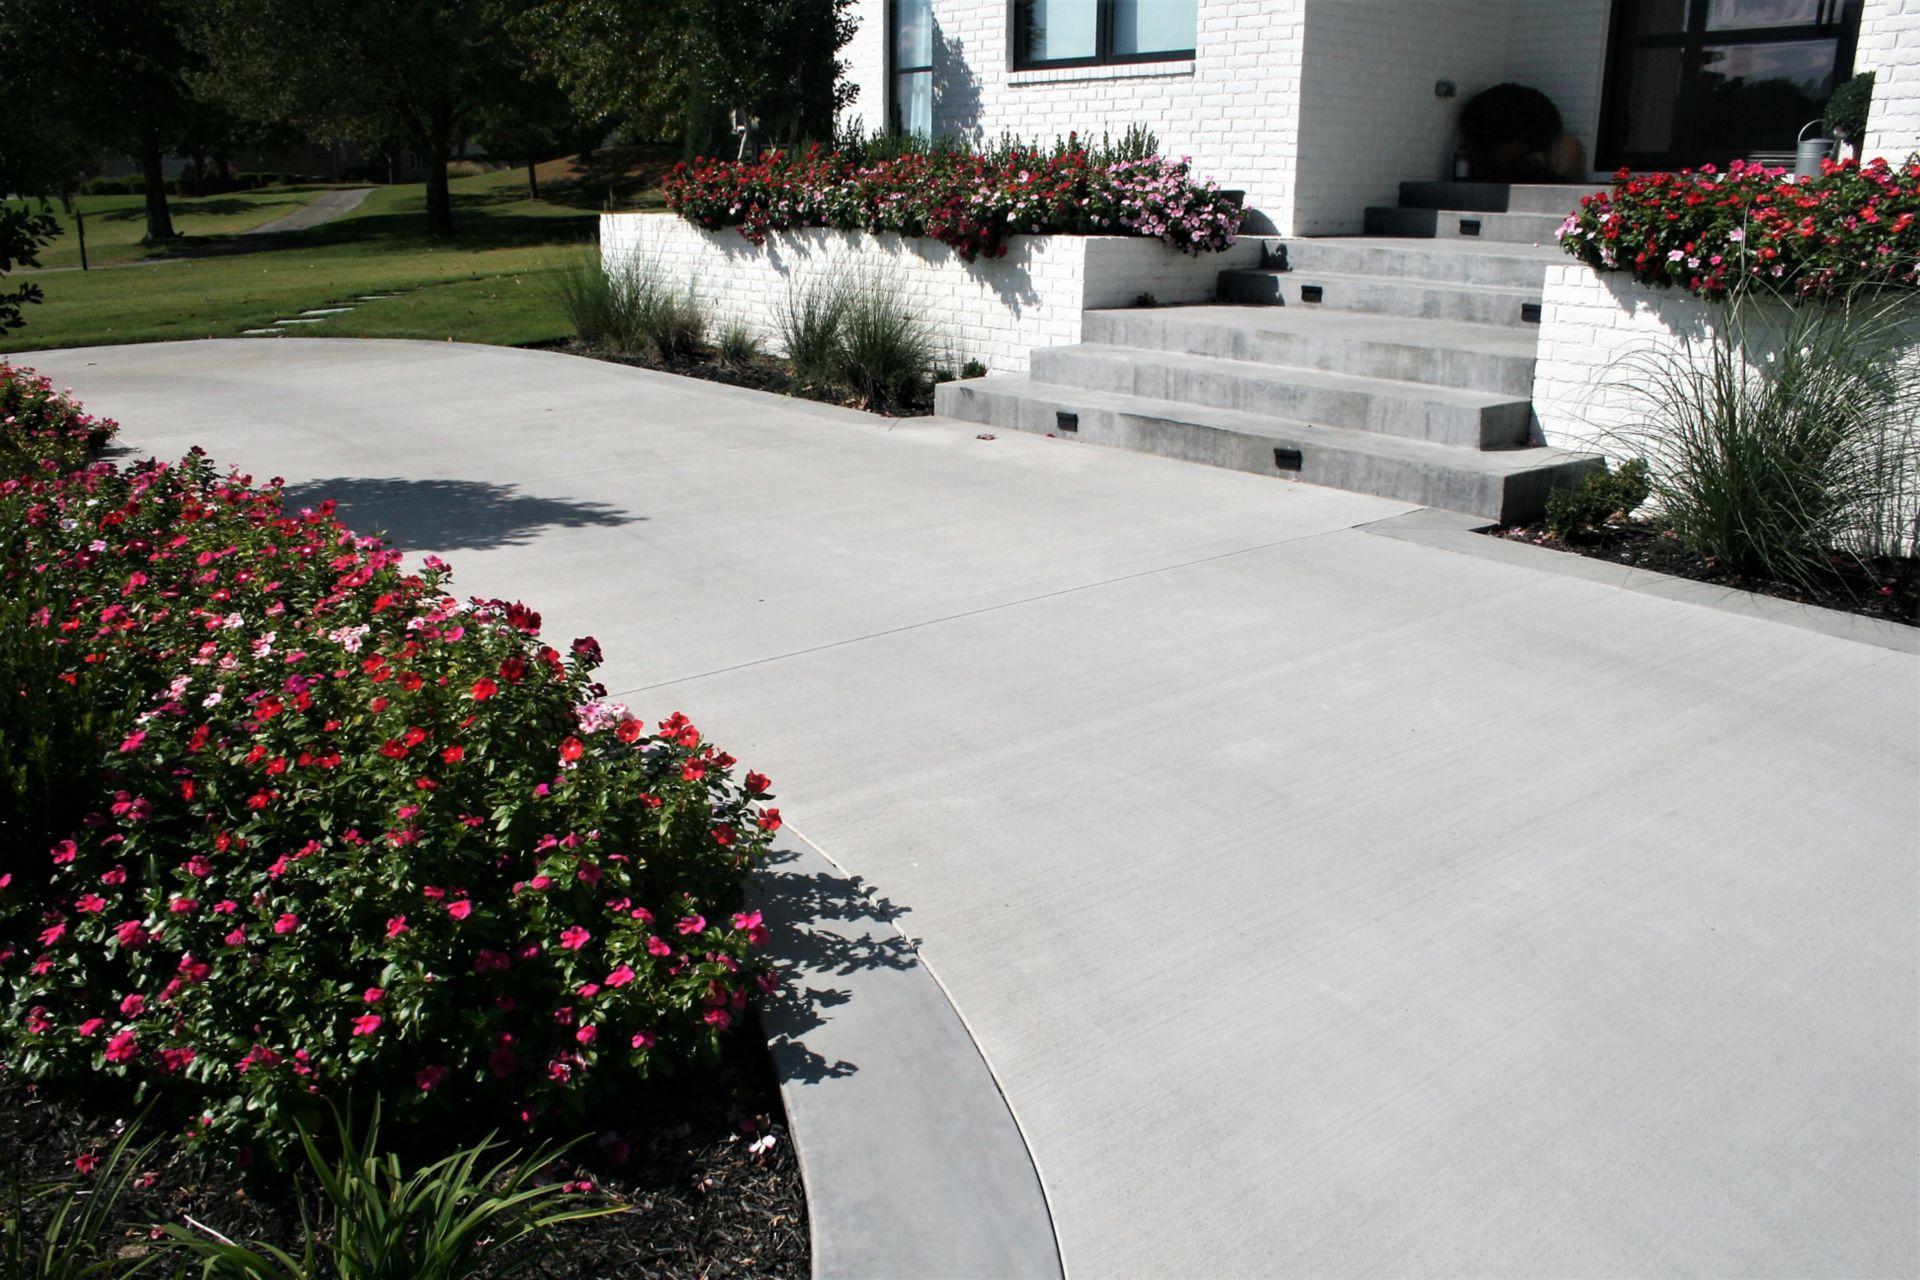 Integral Color driveway